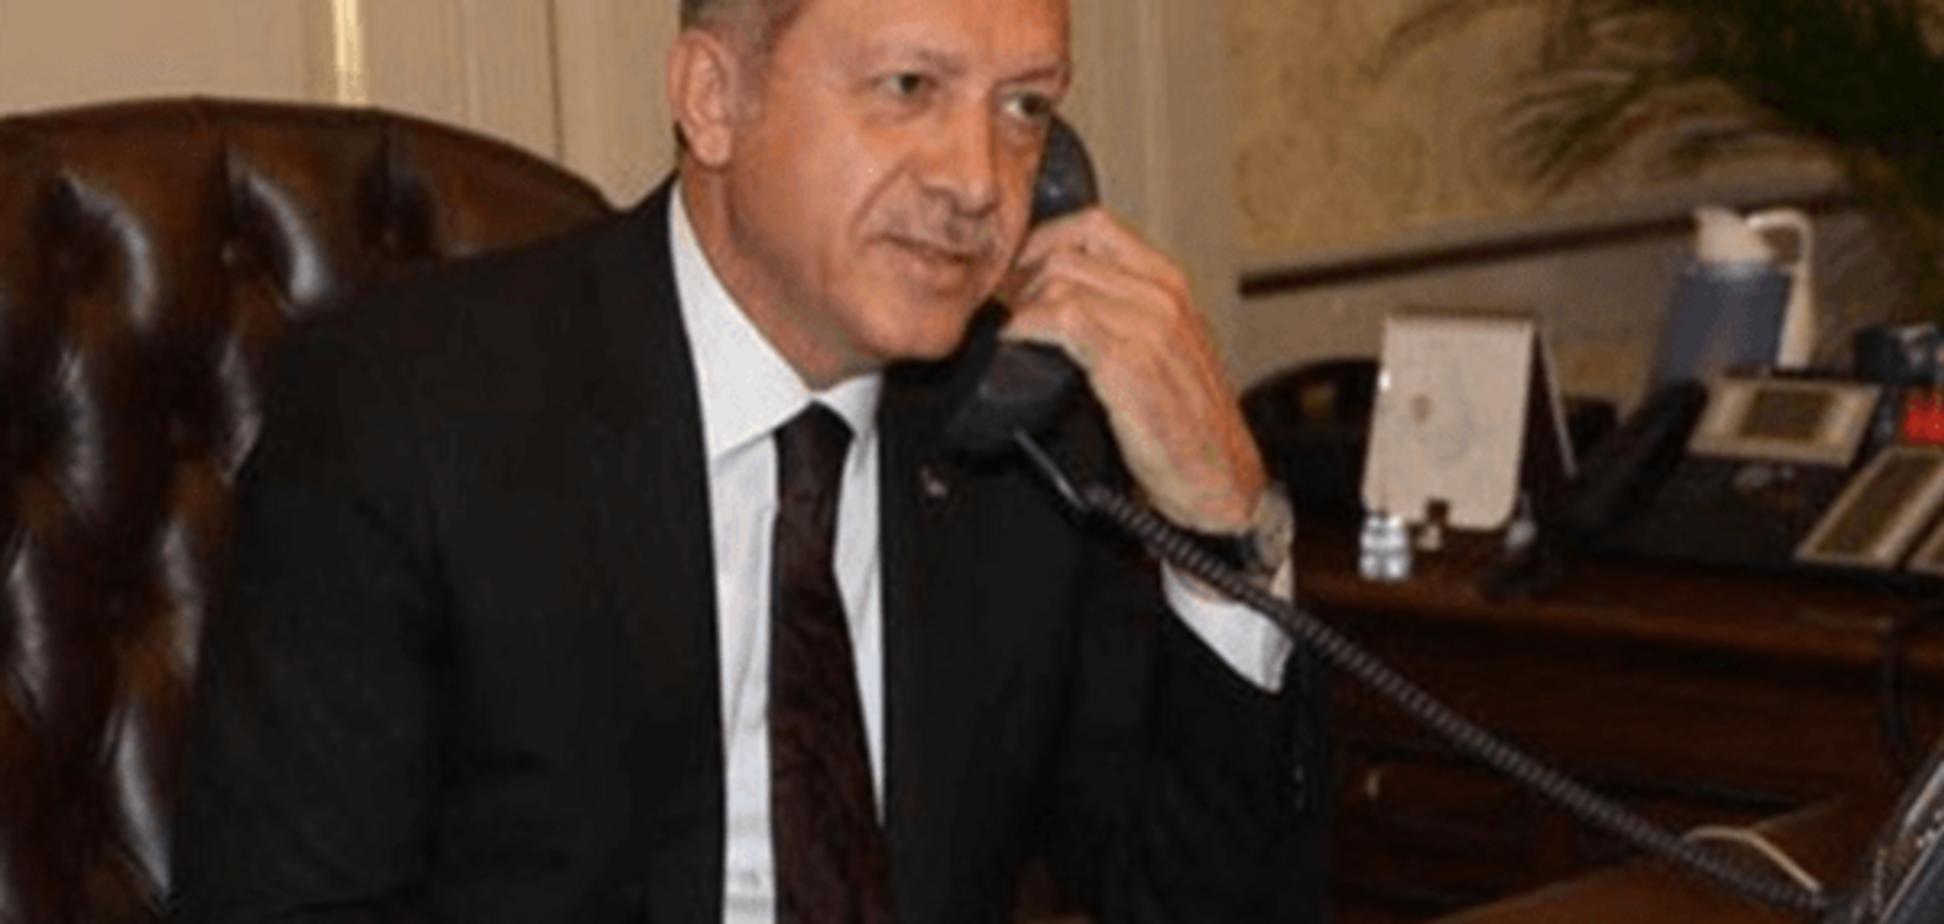 Пранкери заявили, що 'розвели' Ердогана на розмову з 'Порошенком і Яценюком': відеофакт